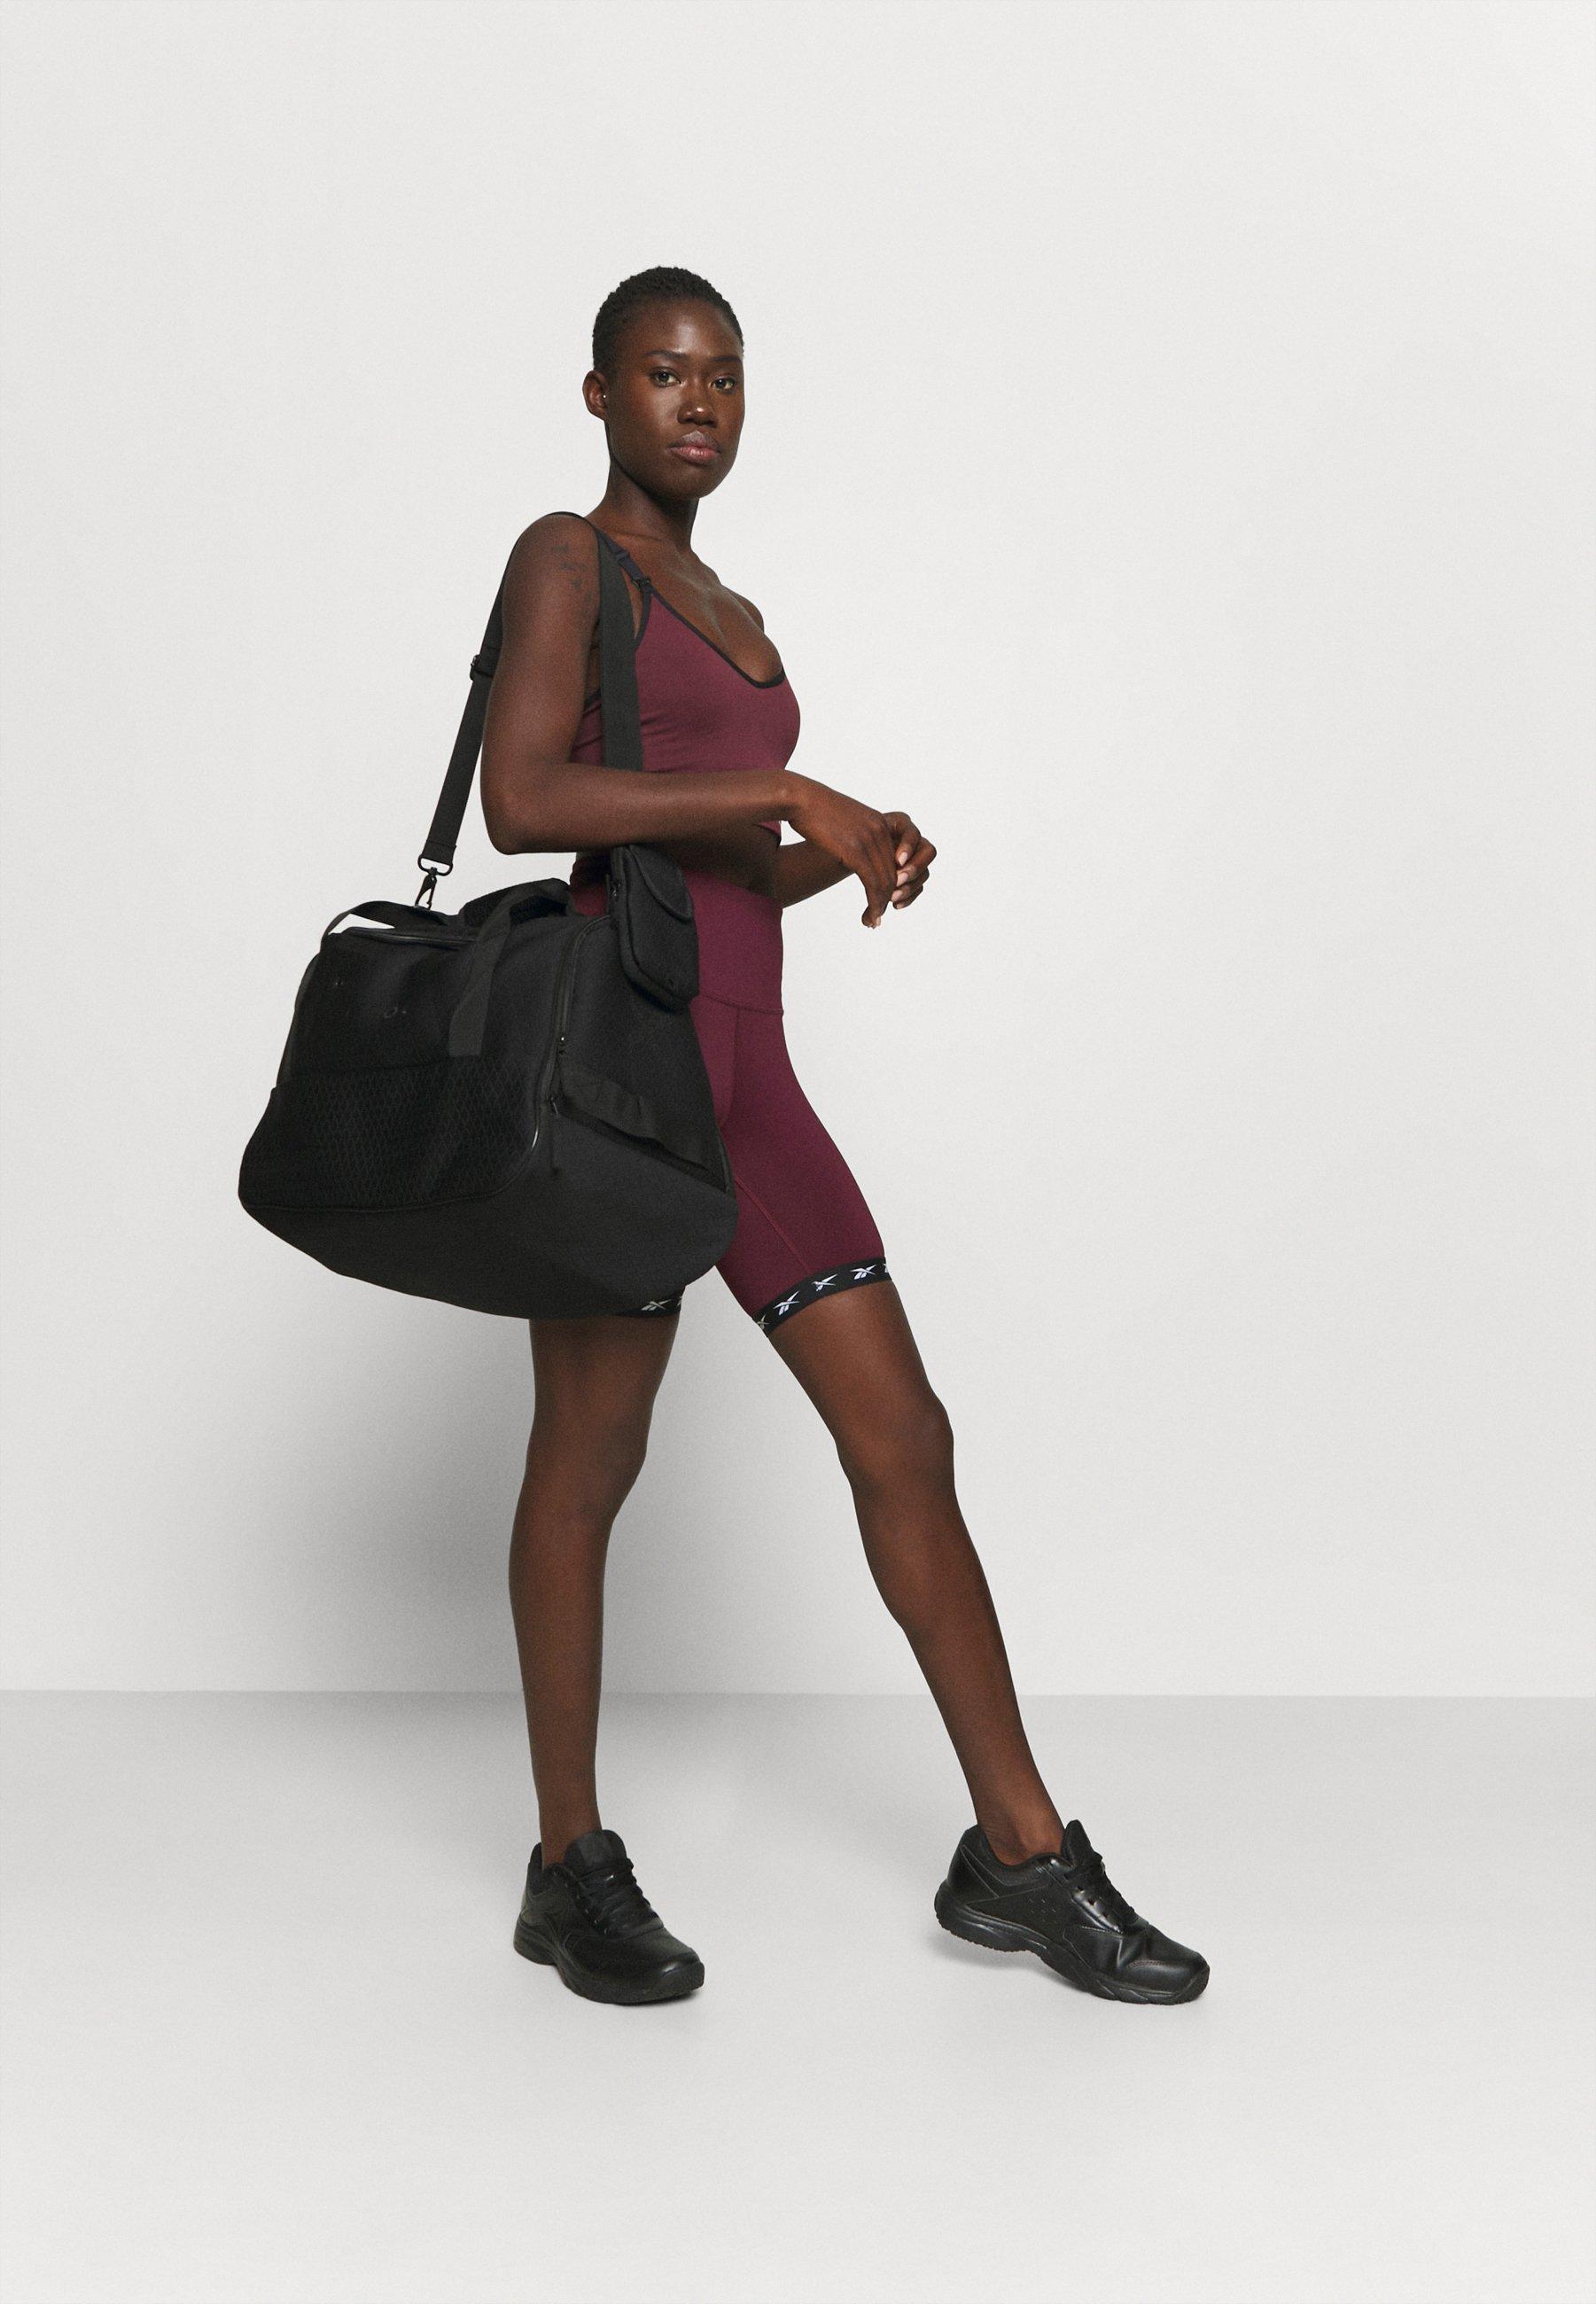 Women ROCK STAR DUFFLE BAG - Sports bag